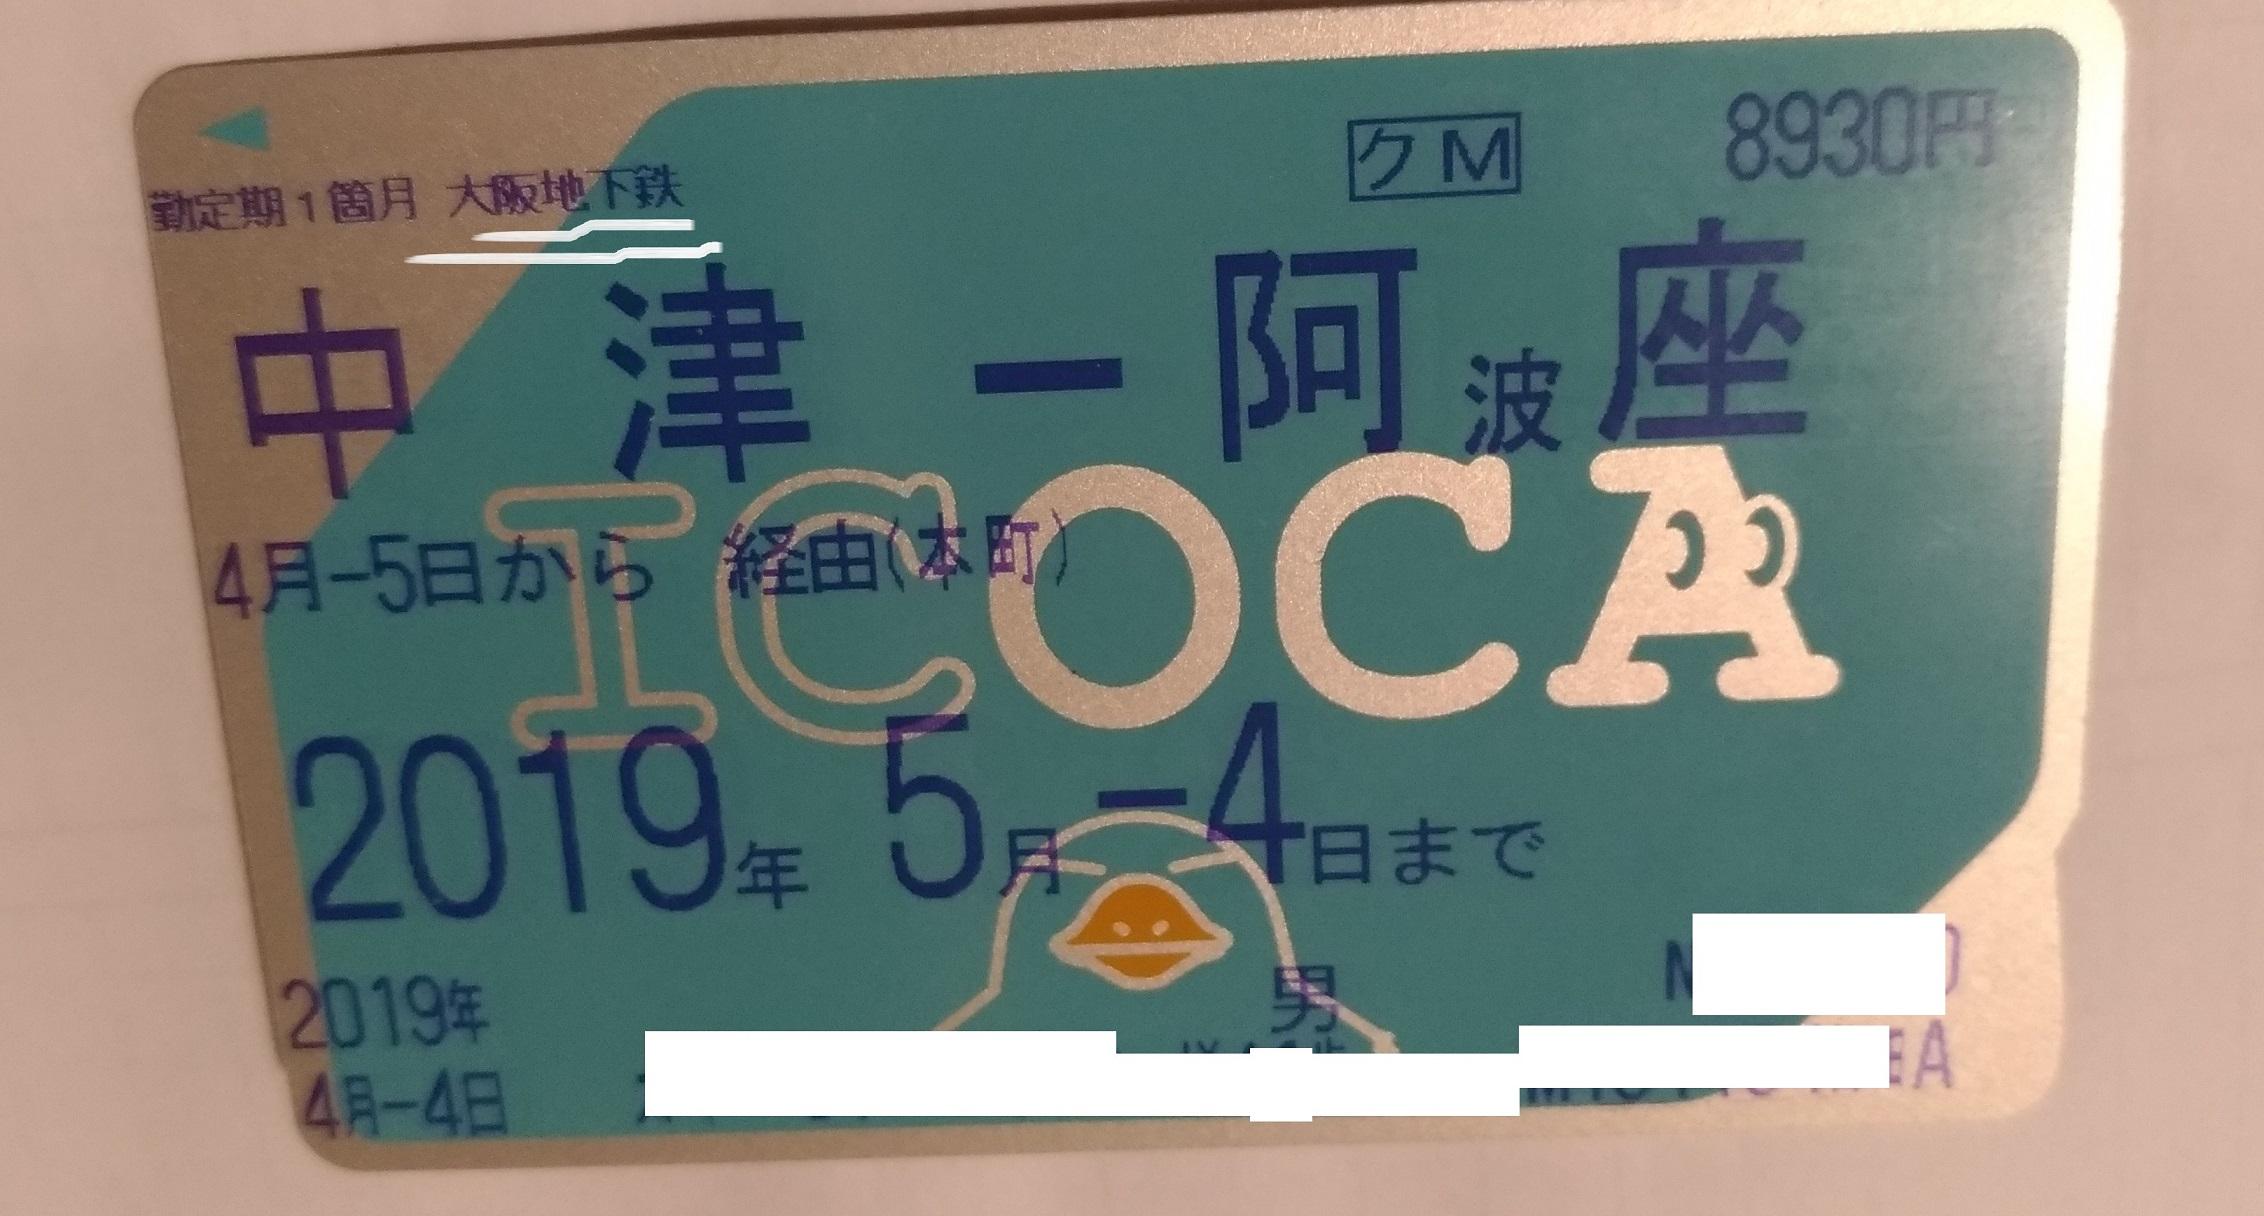 icoca_harai_modoshi_osaka_metro.jpg